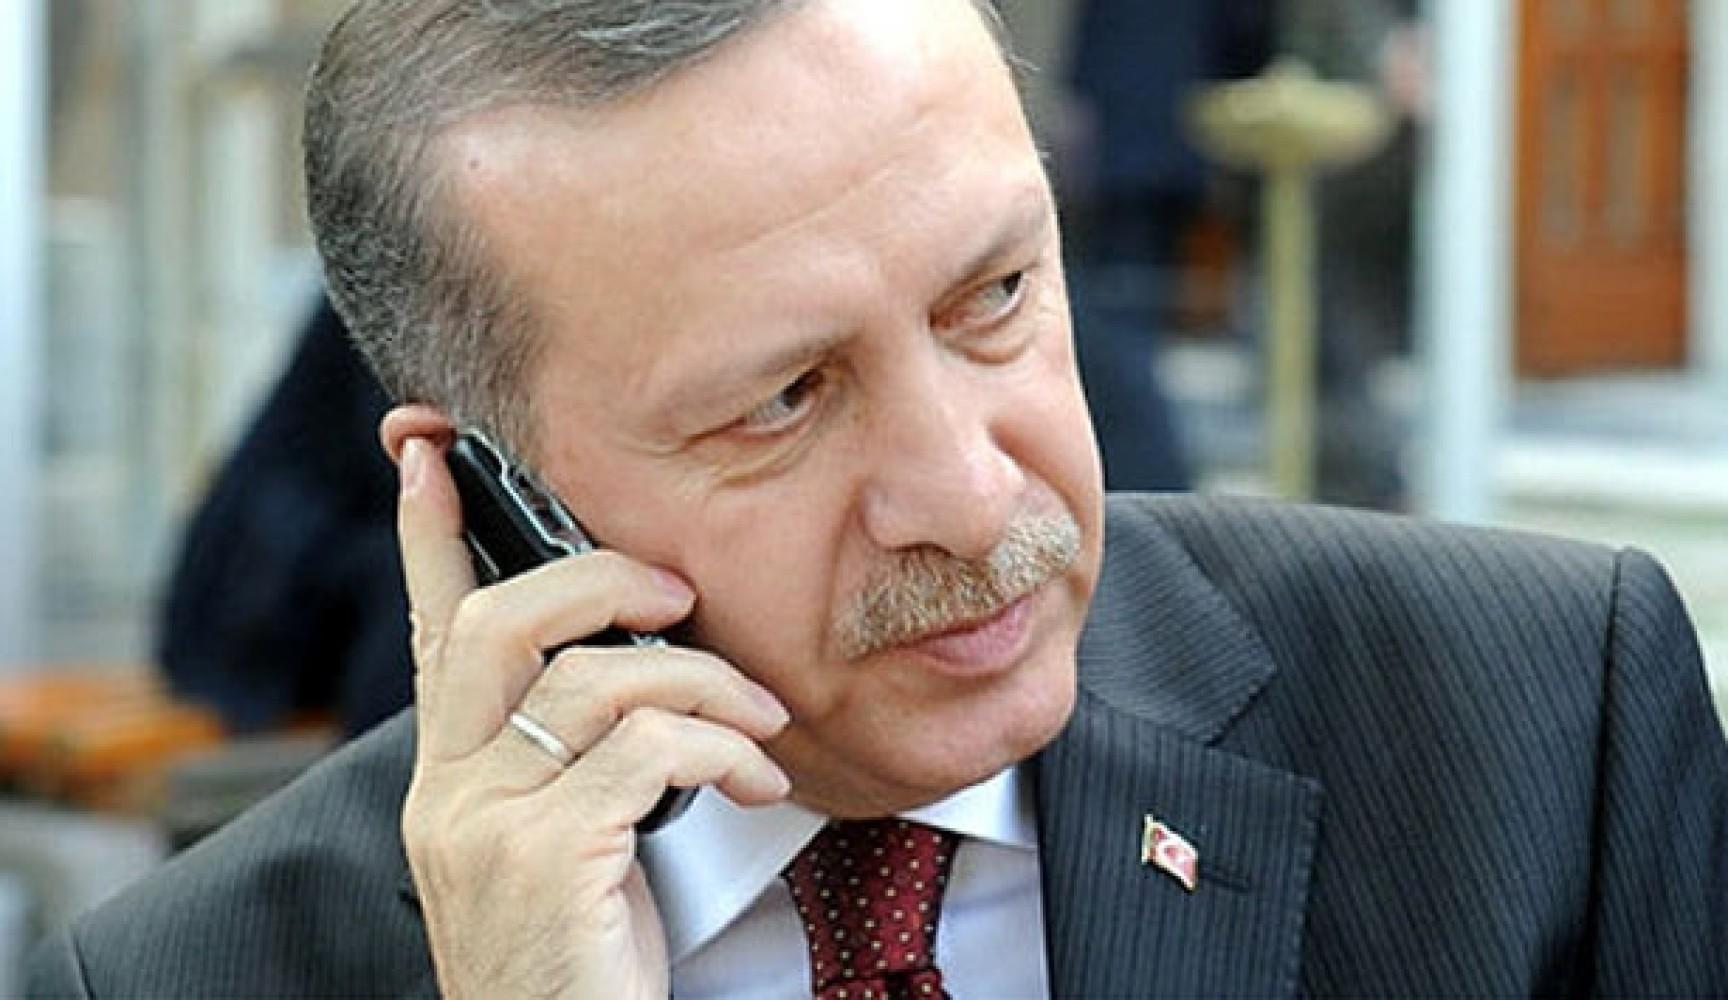 medyalens_com-erdoğanin-telefonu-ve-habertürkte-yaşanan-panik-02-1728x1000_c.jpg